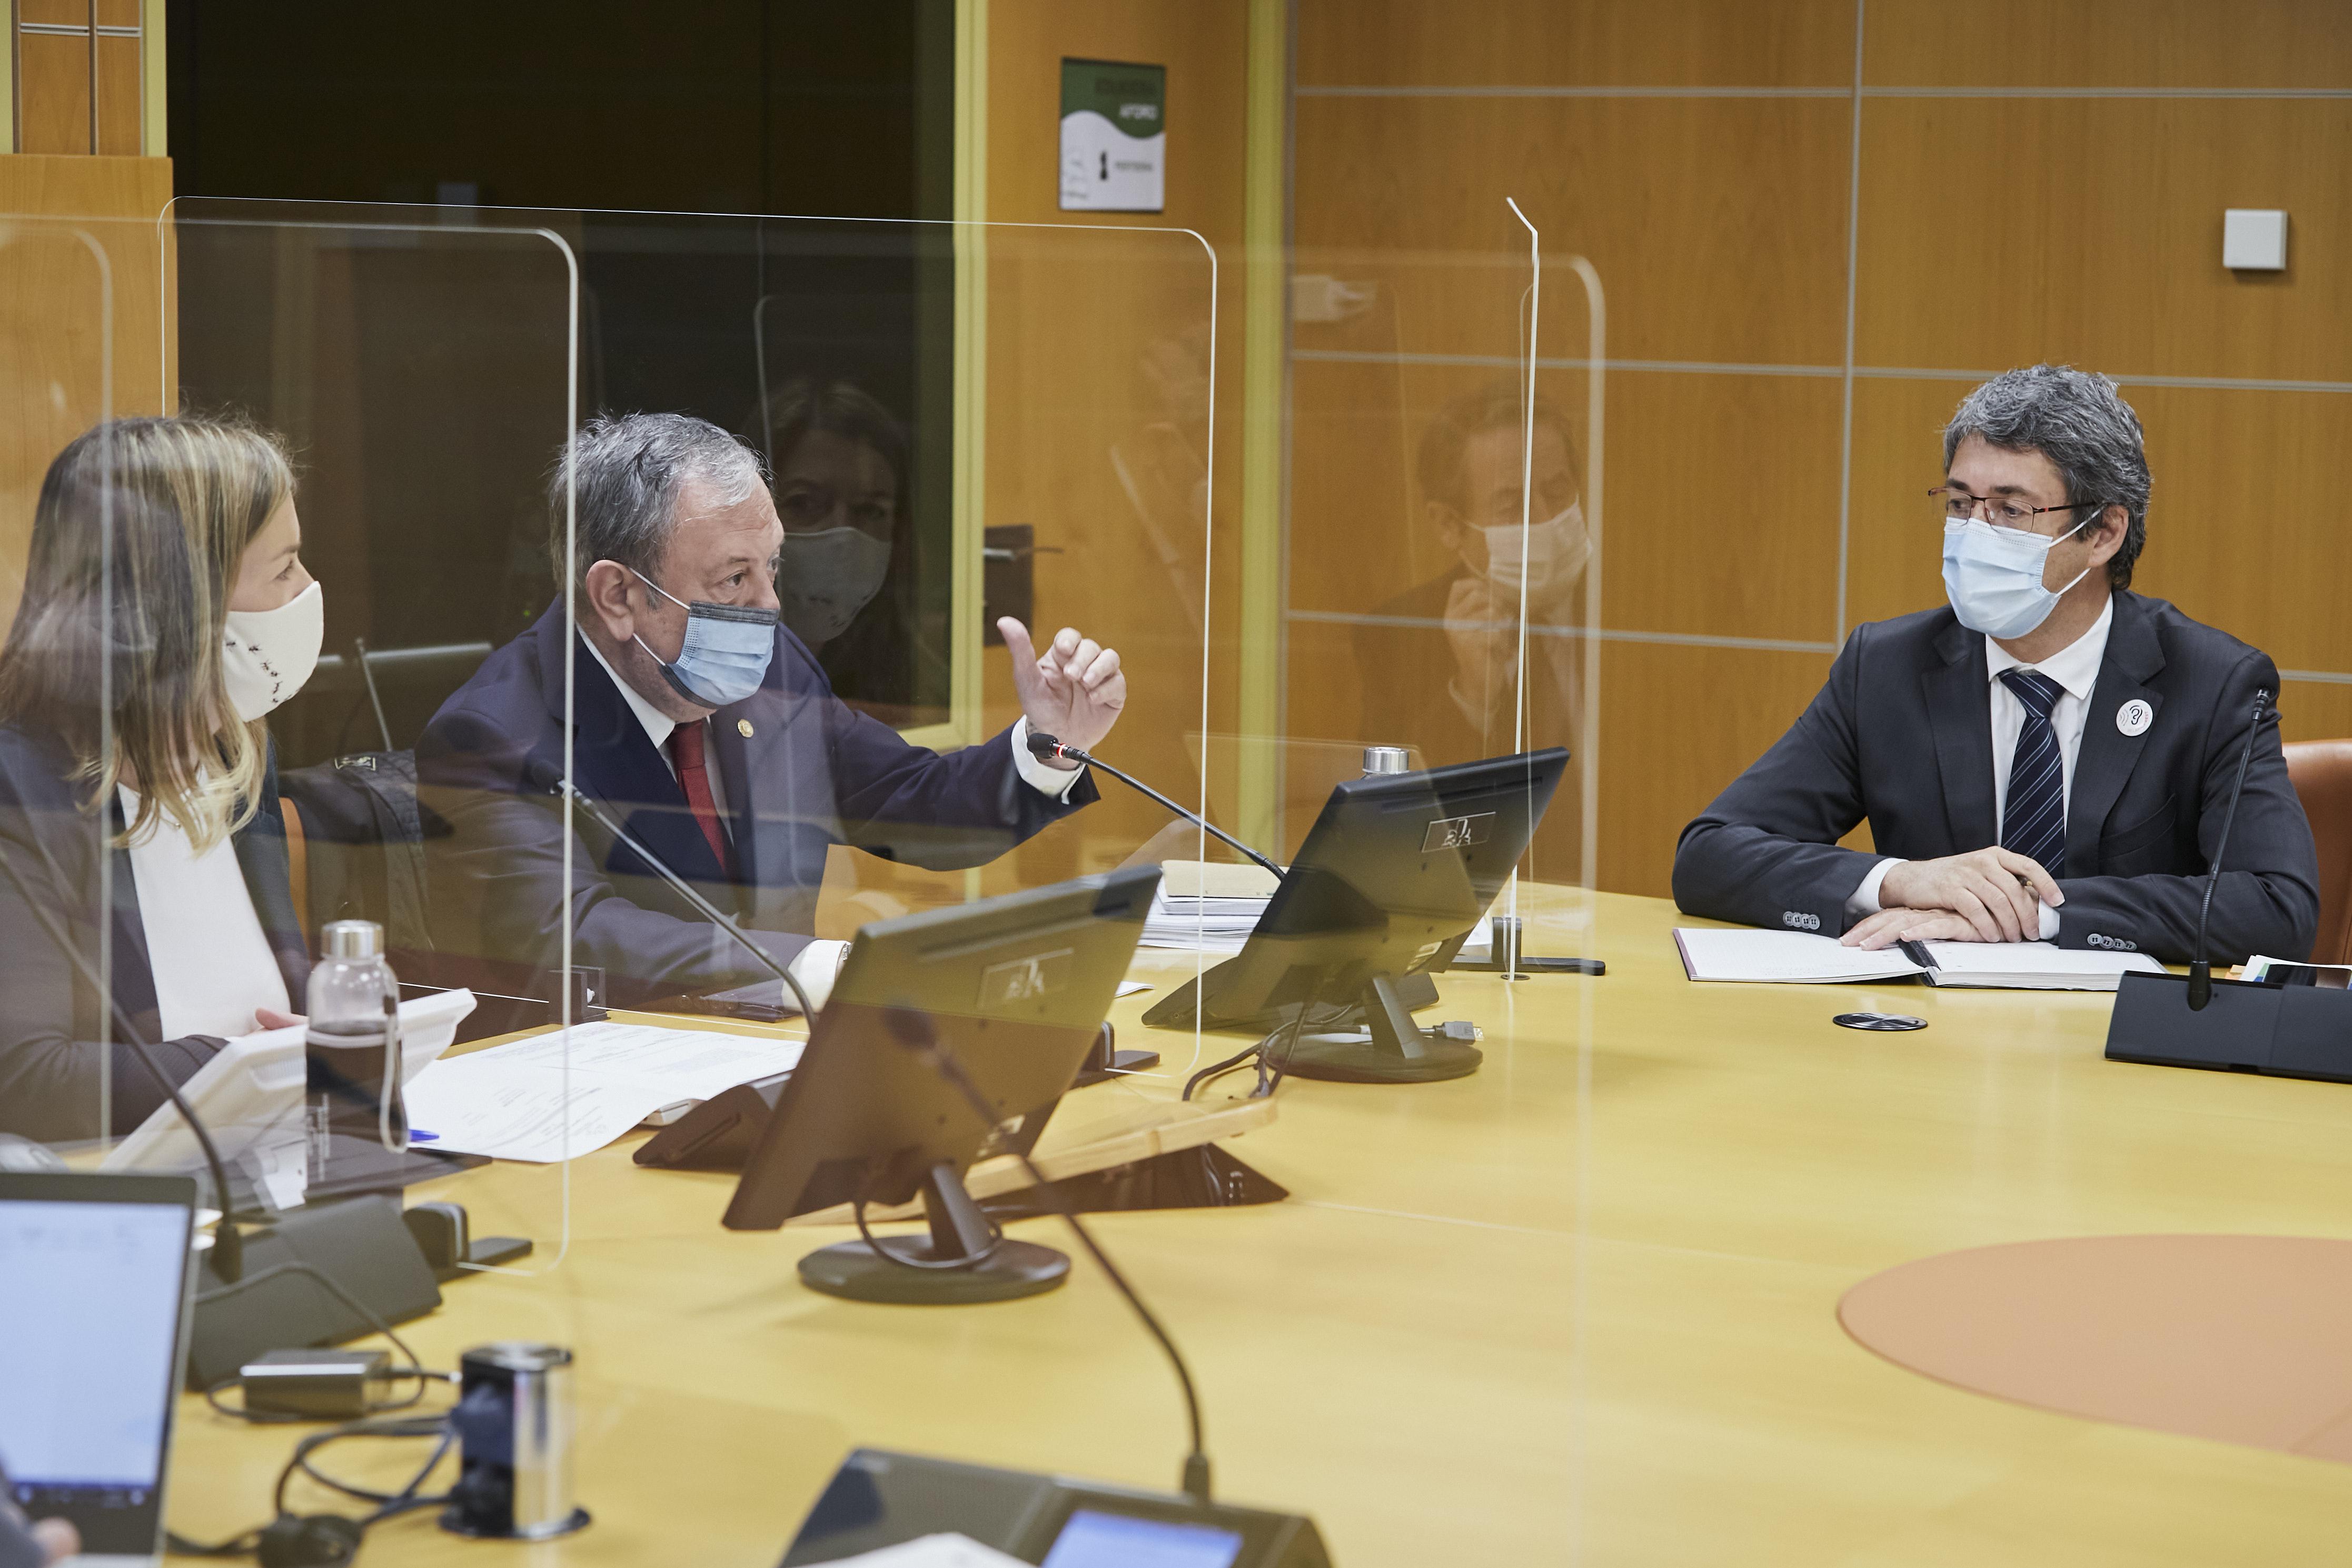 2020.12.09_Comision_de_Economia__Hacienda_y_Presupuestos_031.jpg